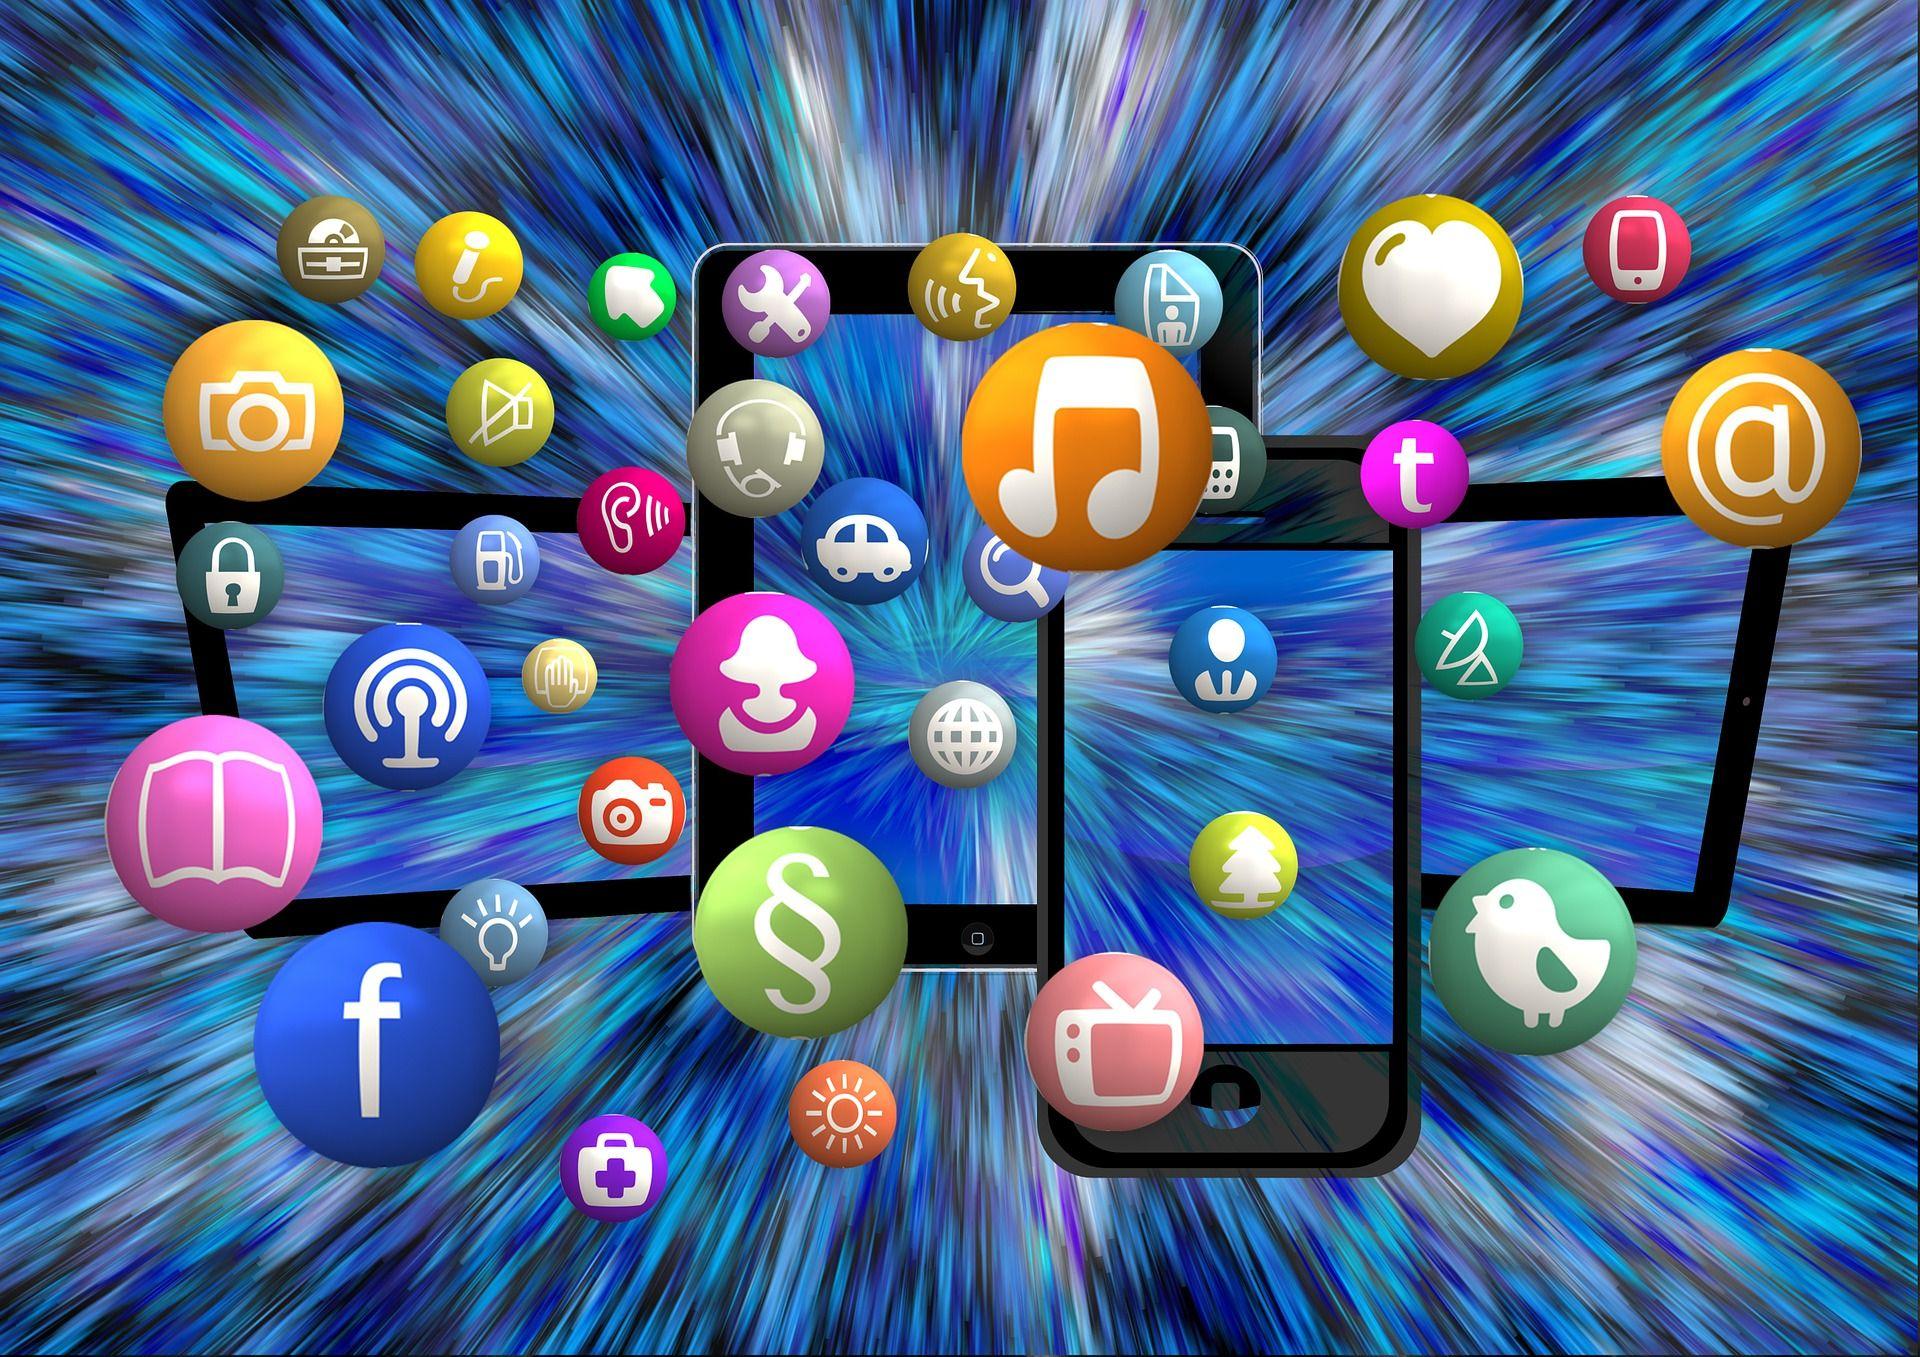 Take Advantage Of Social Media Marketing Trends In 2017